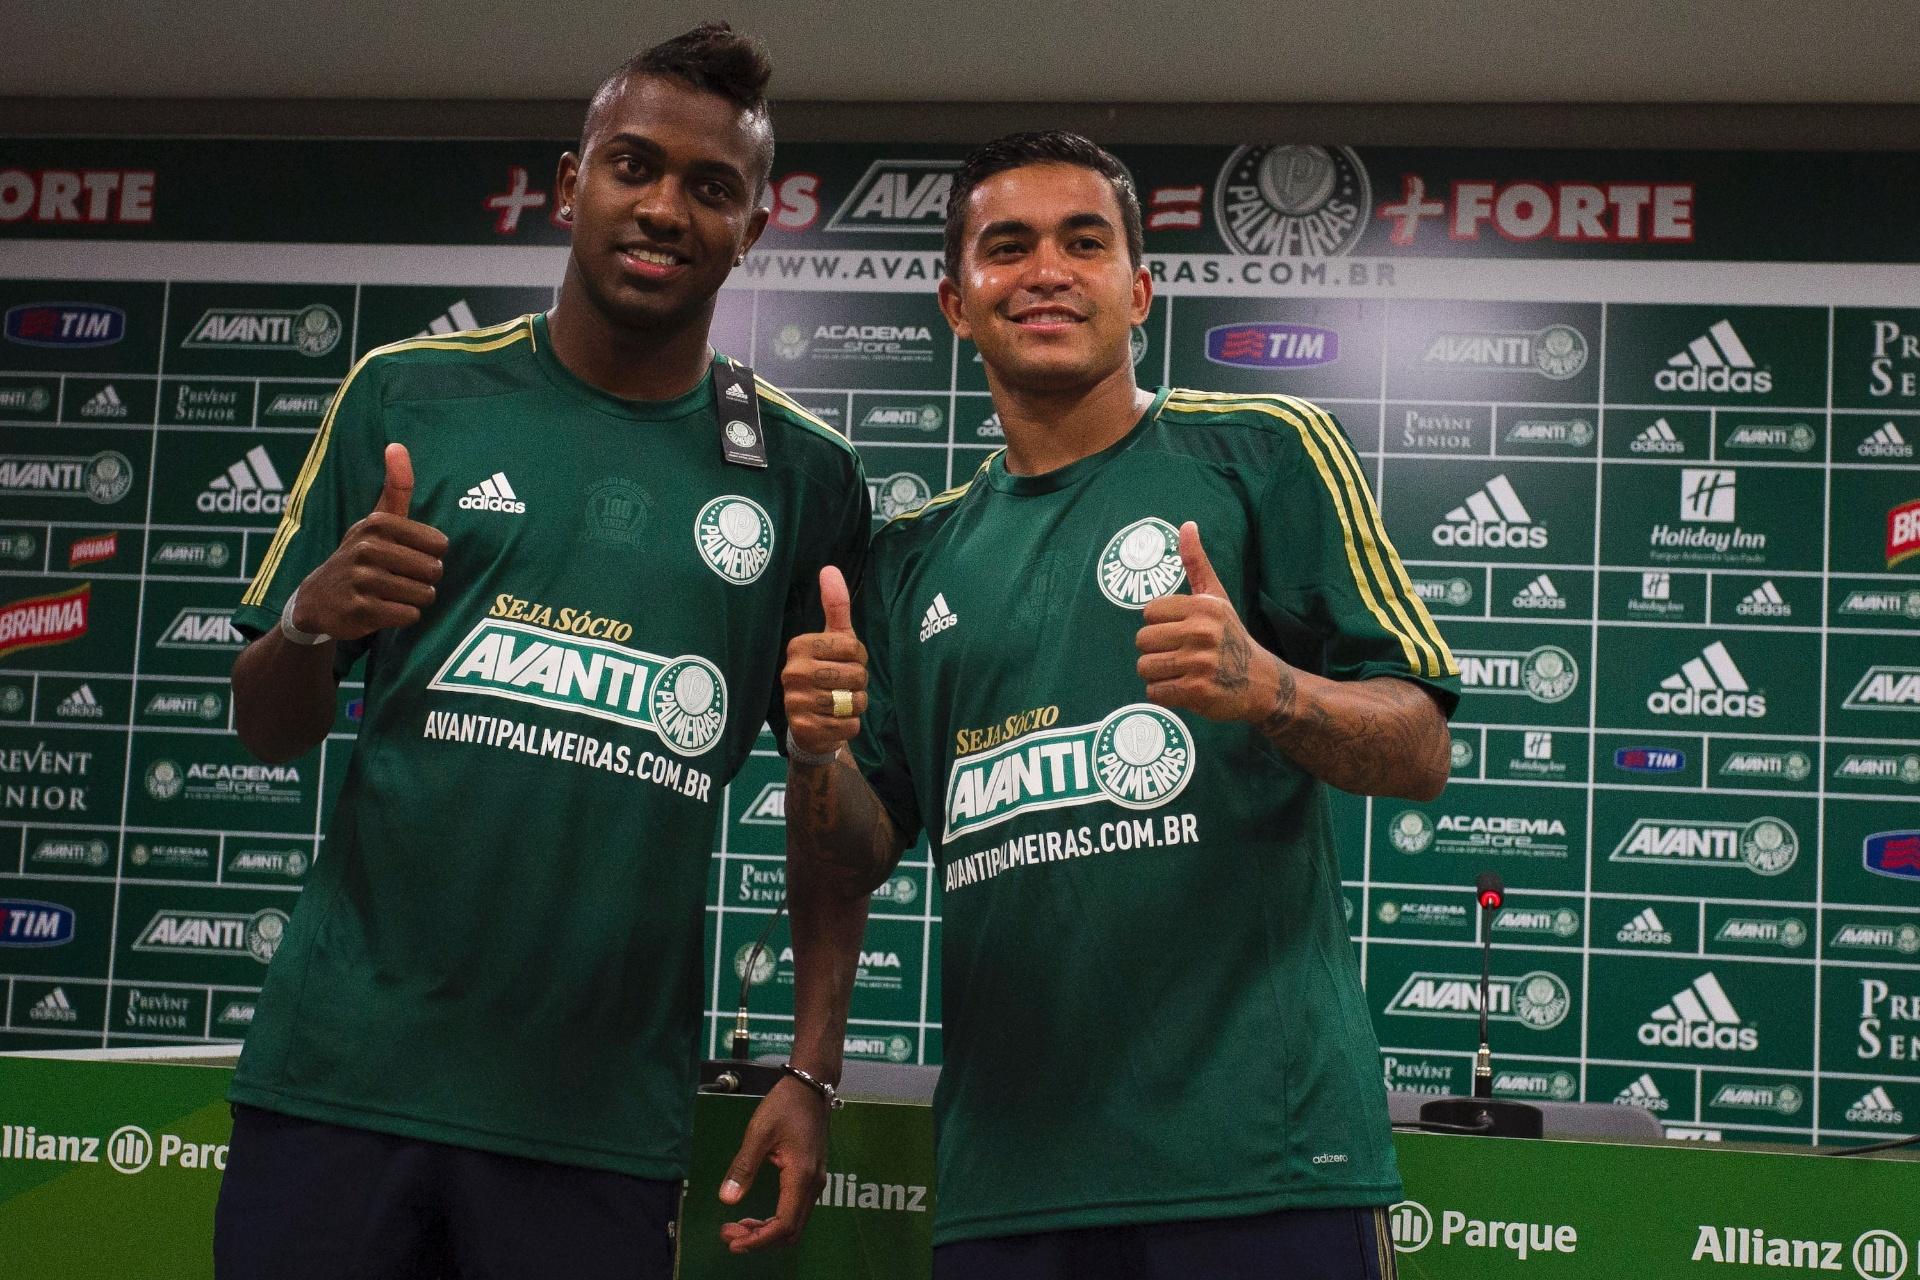 0cb60e5767 Dudu chega ao Palmeiras e projeta celebrar gol contra rivais tirando chapéu  - 17 01 2015 - UOL Esporte